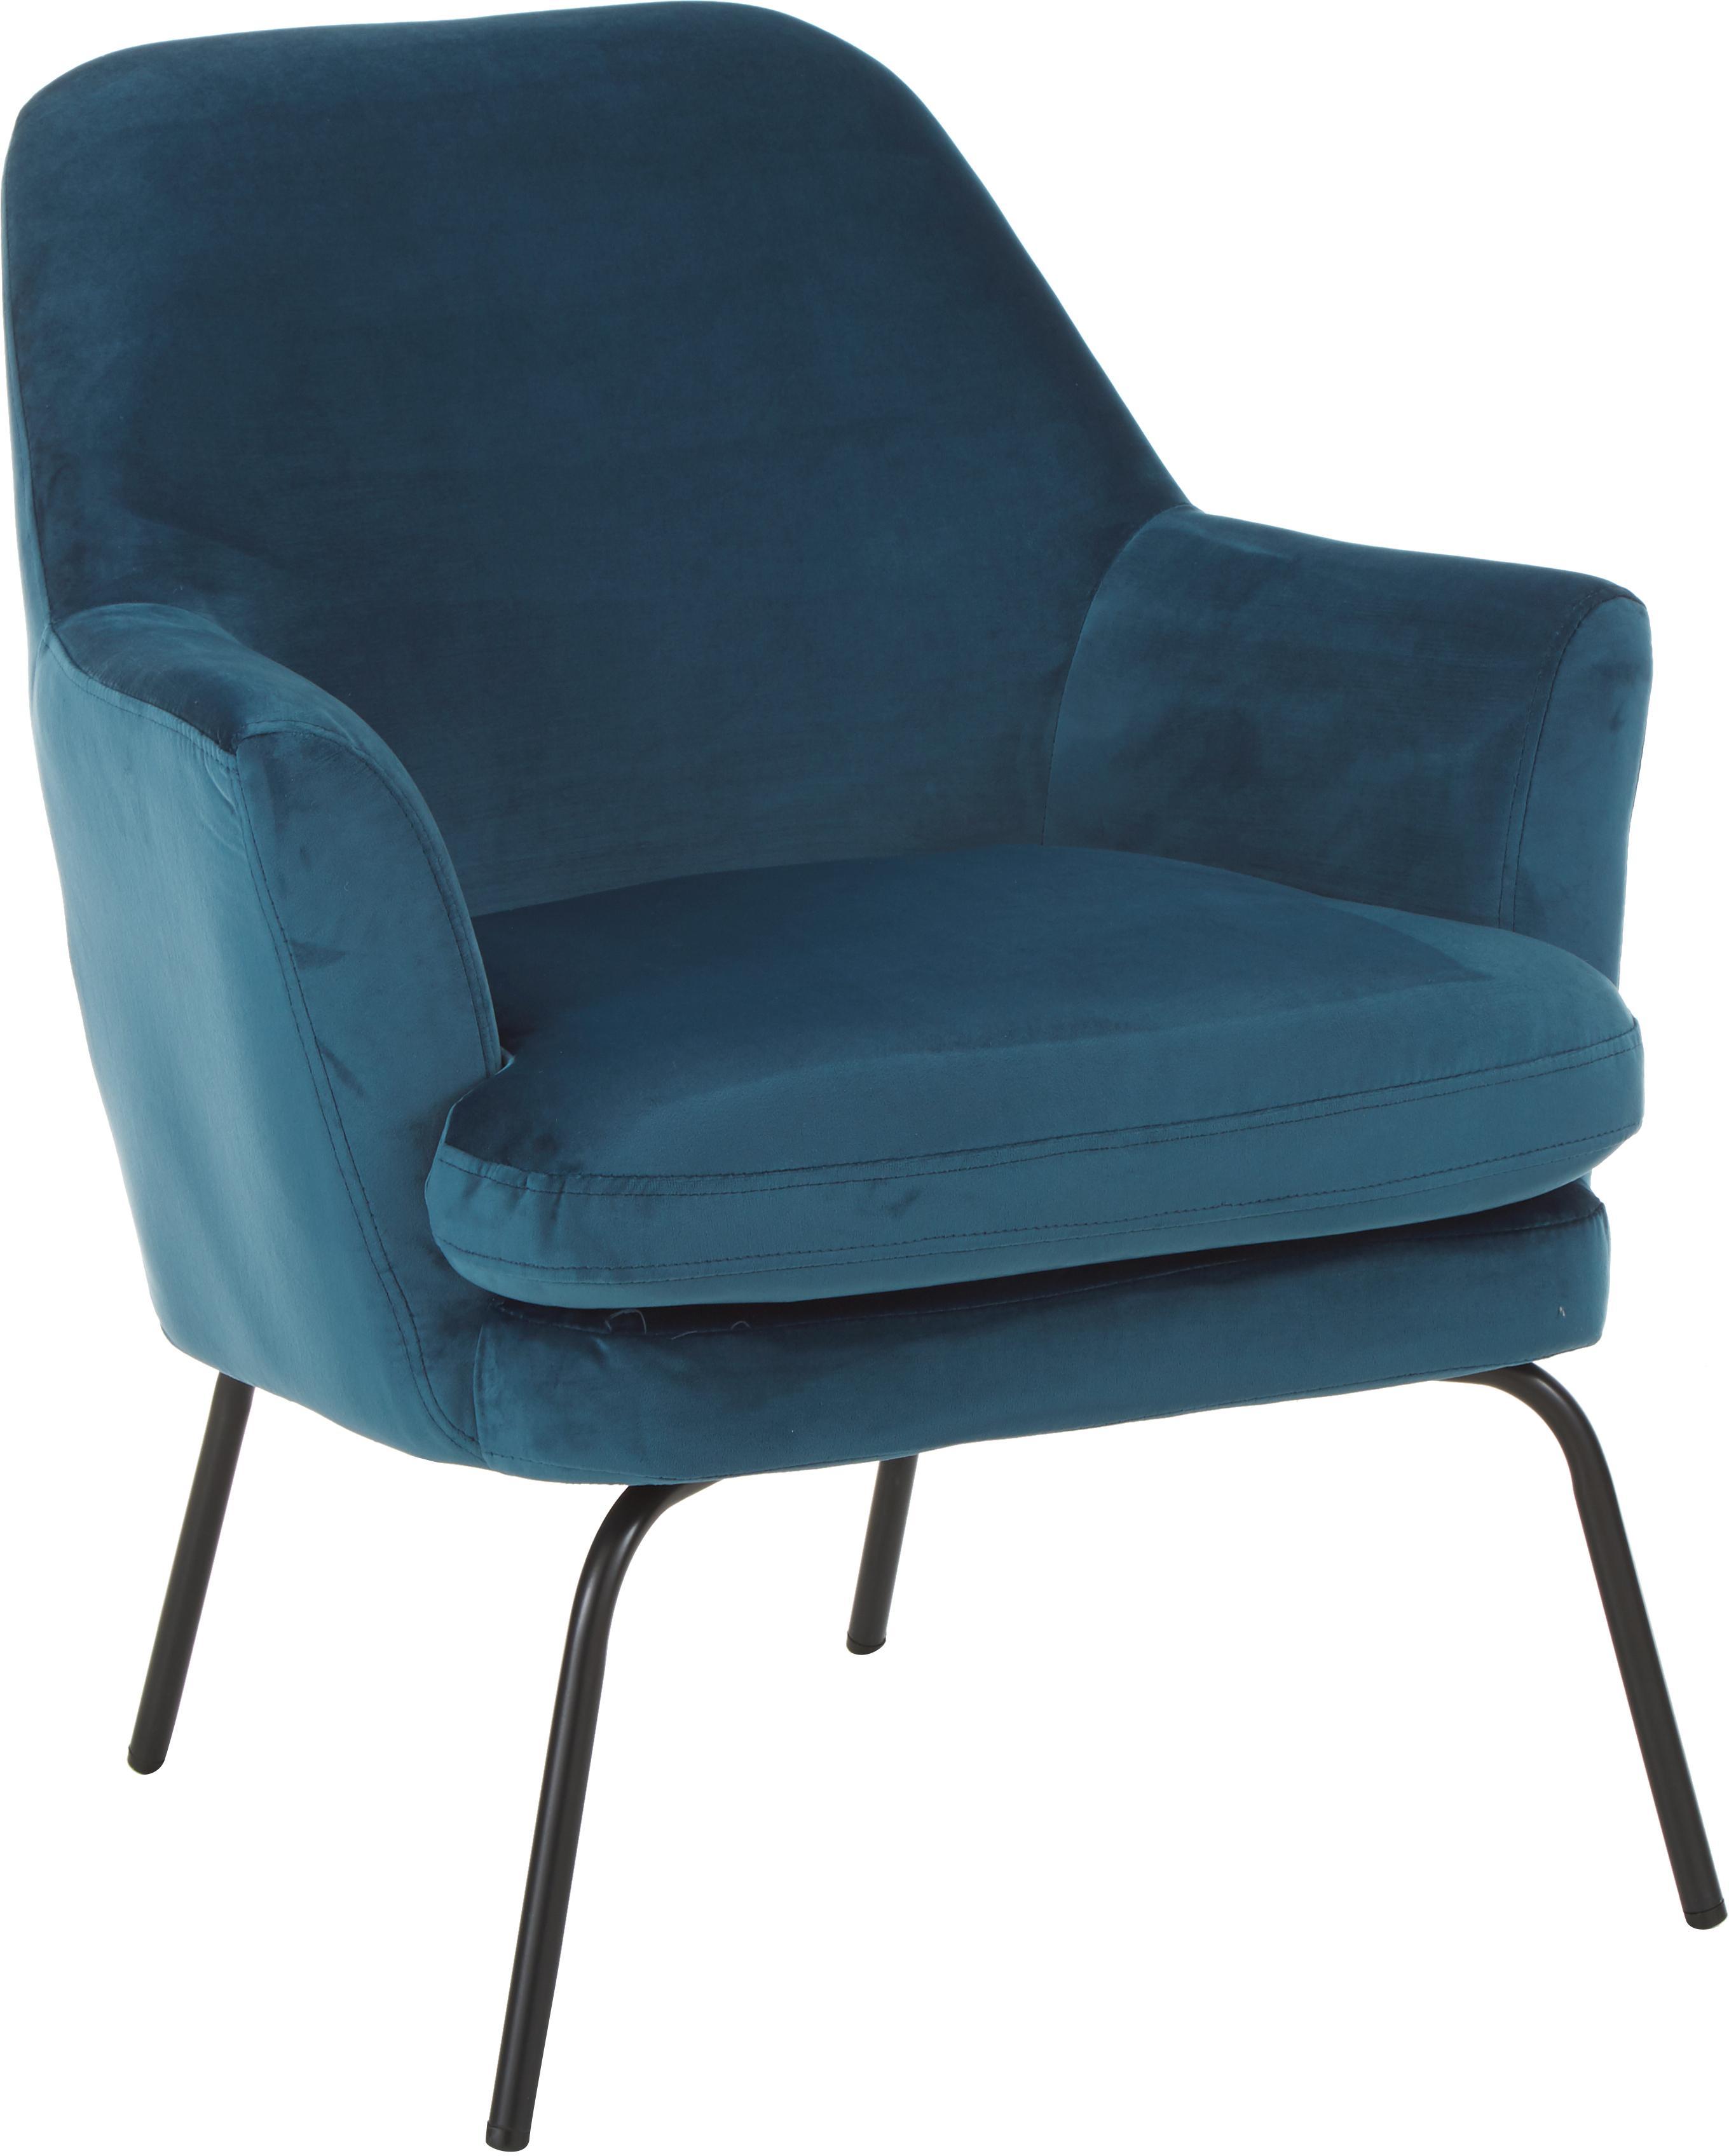 Sillón de terciopelo Chisa, Tapizado: poliéster efecto terciope, Patas: metal, pintura en polvo, Azul marino, An 58 x F 50 cm